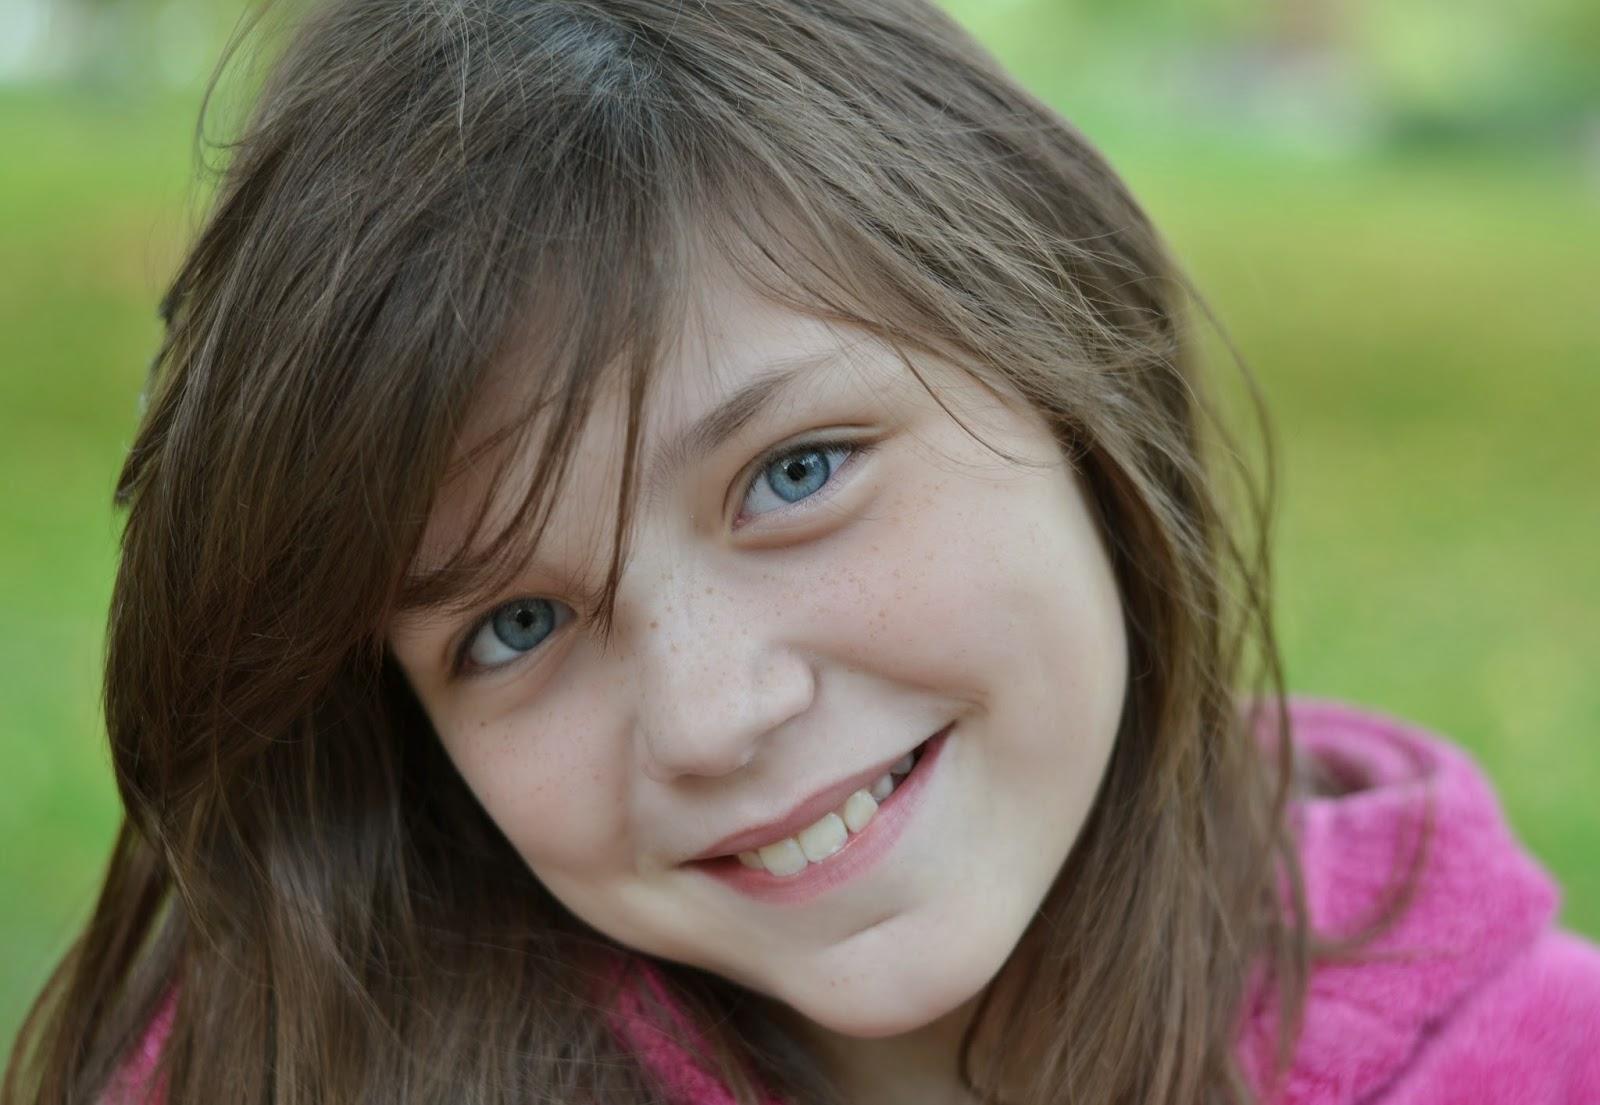 Uninhibited young girl photos